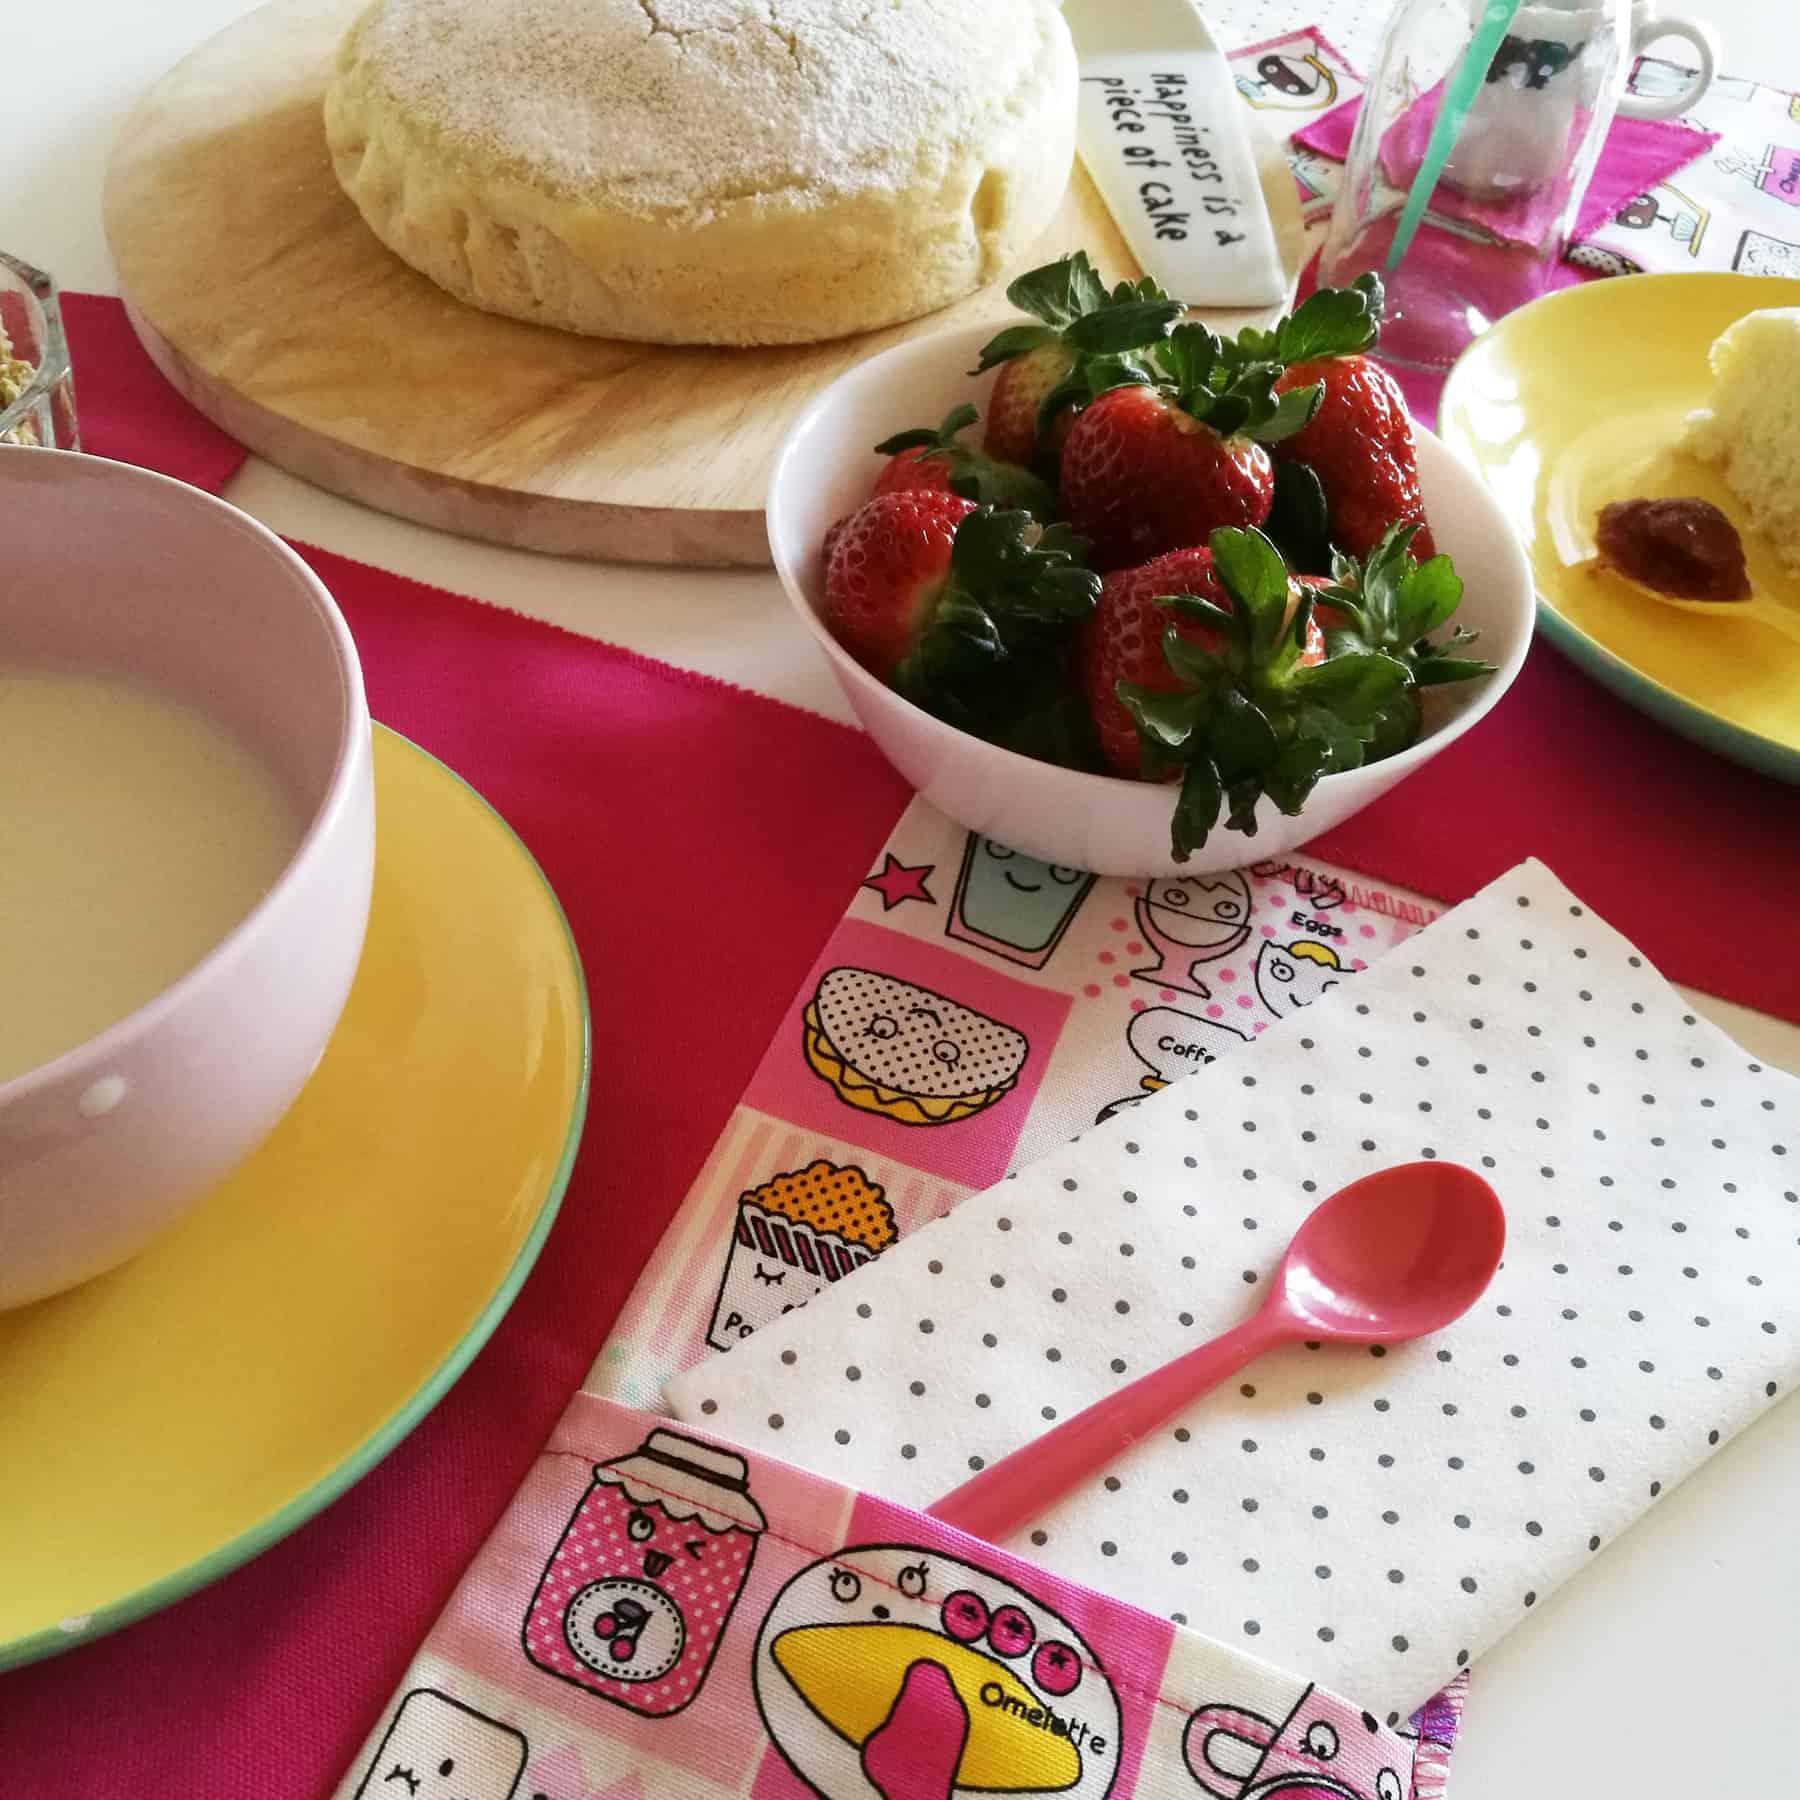 La colazione perfetta con Marylove Sweet Time